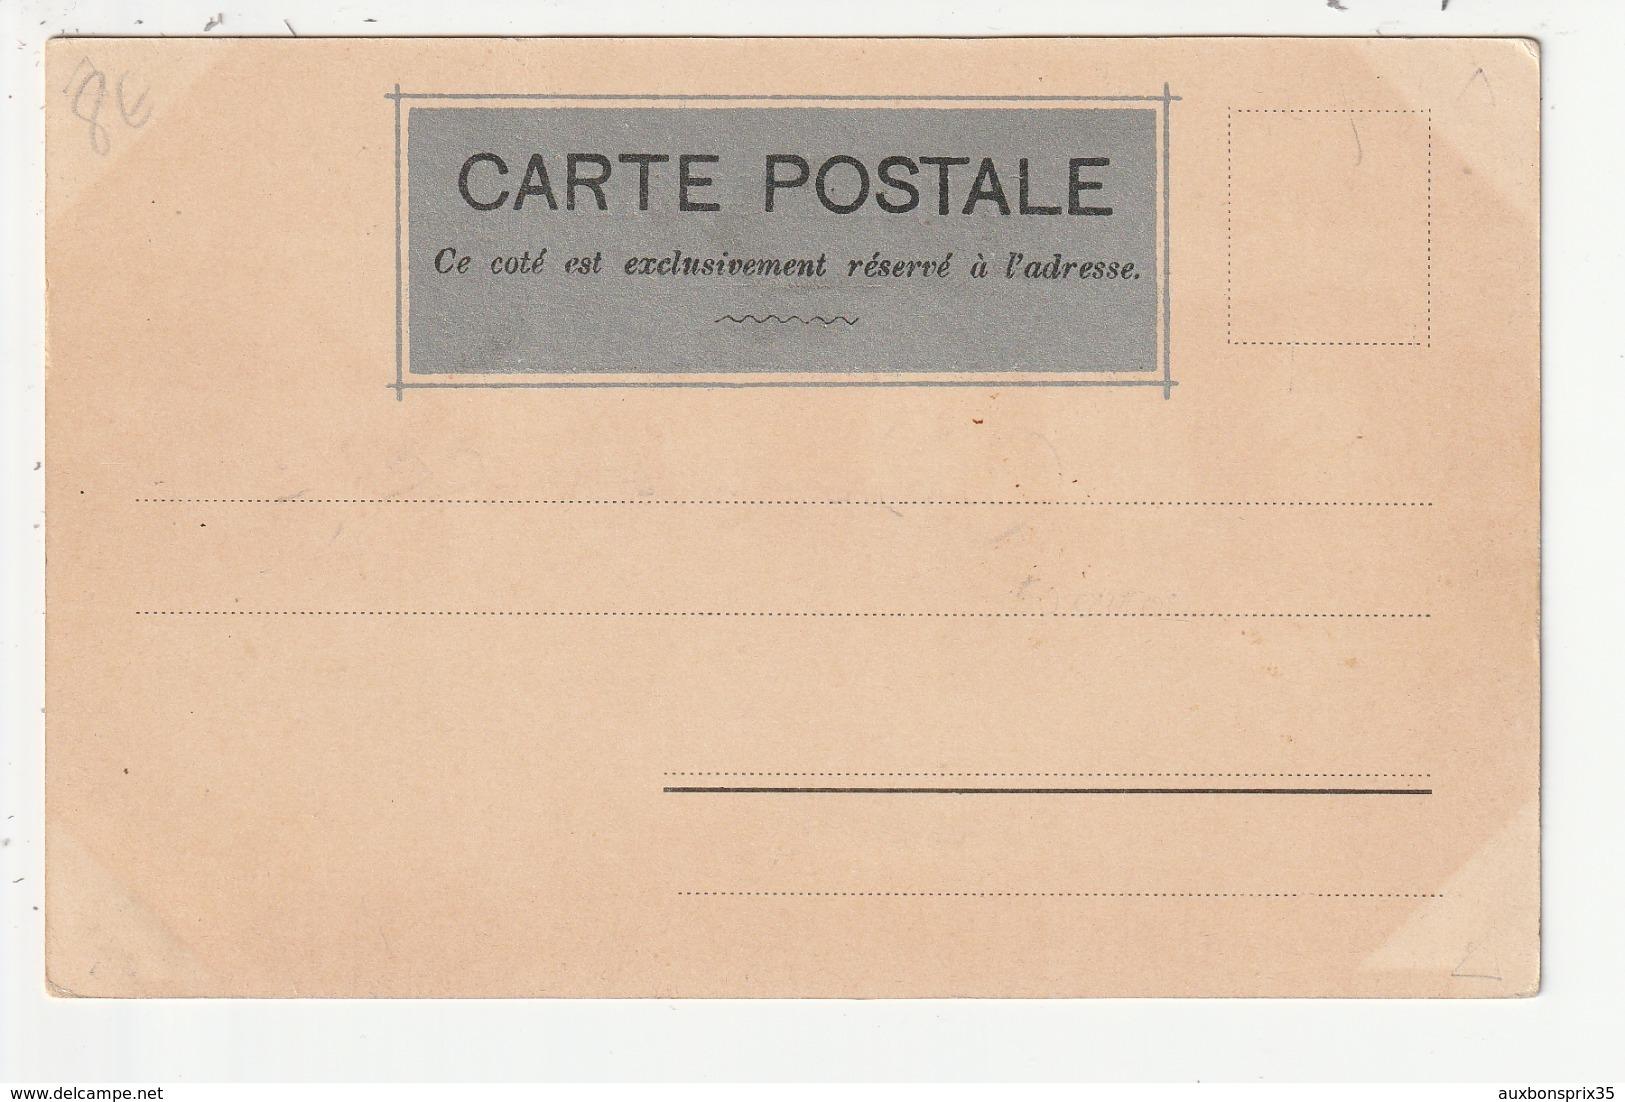 CANCALE - DESSIN HUMORISTIQUE - LE ROCHER DE CANCALE - KILLINGER ET FAIVRE -PARIS N°129 -F. KILLINGER EDITEUR ZURICH-35 - Cancale